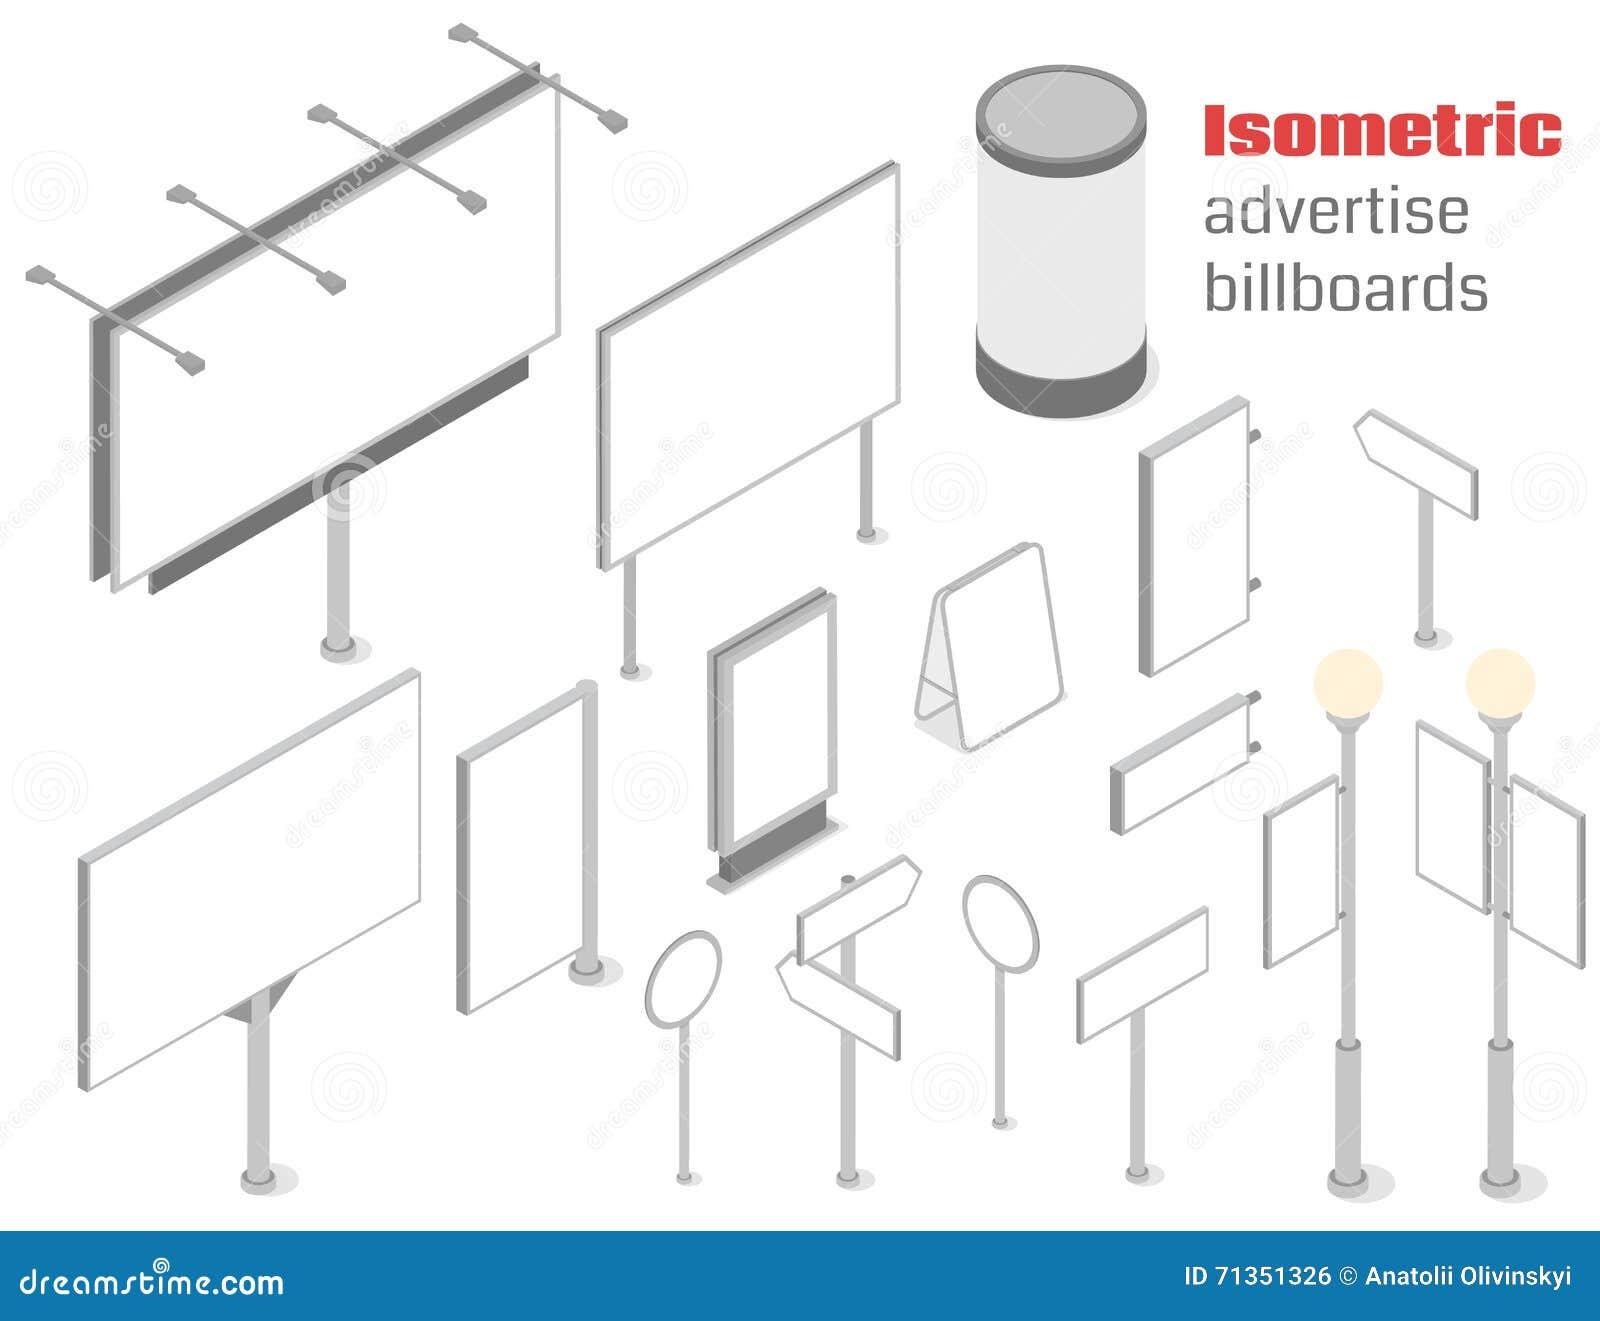 Isometrisch adverteer aanplakborden